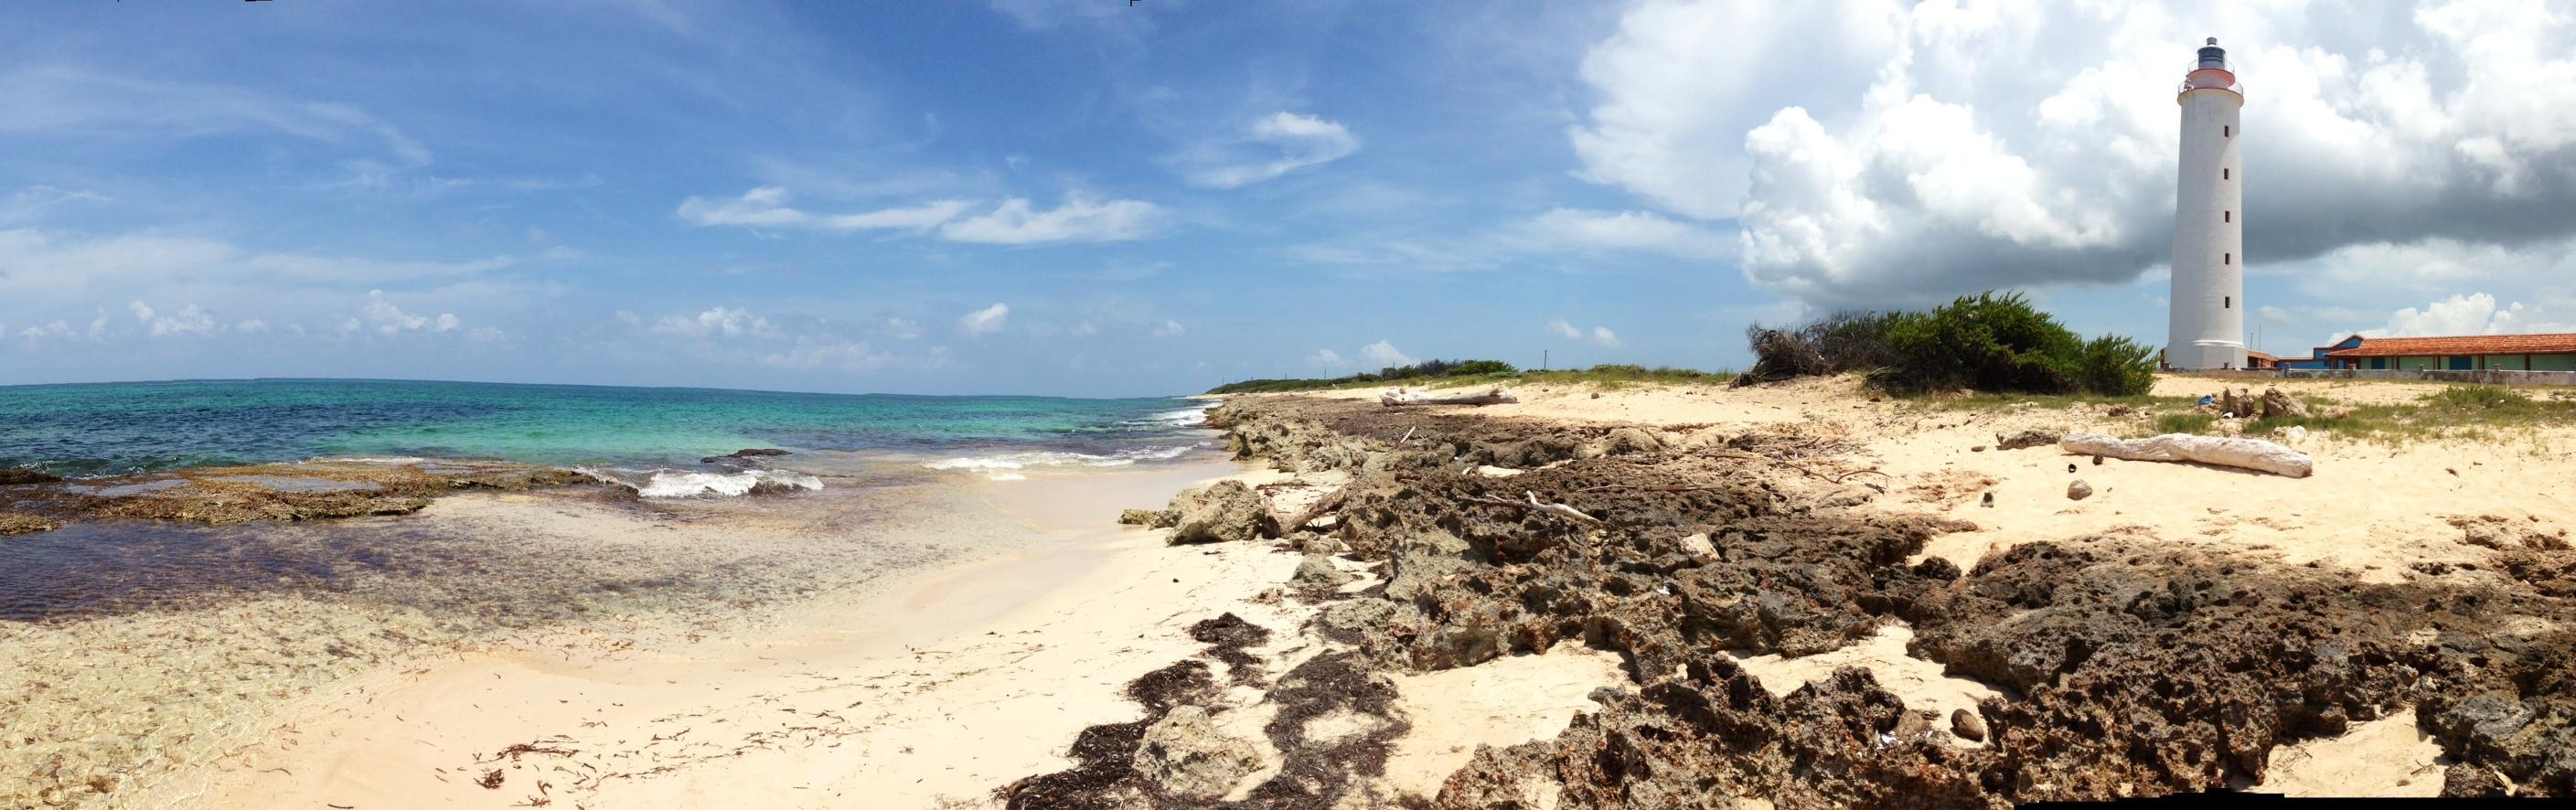 Punta de Maisí en la provincia de Guantánamo, llamada